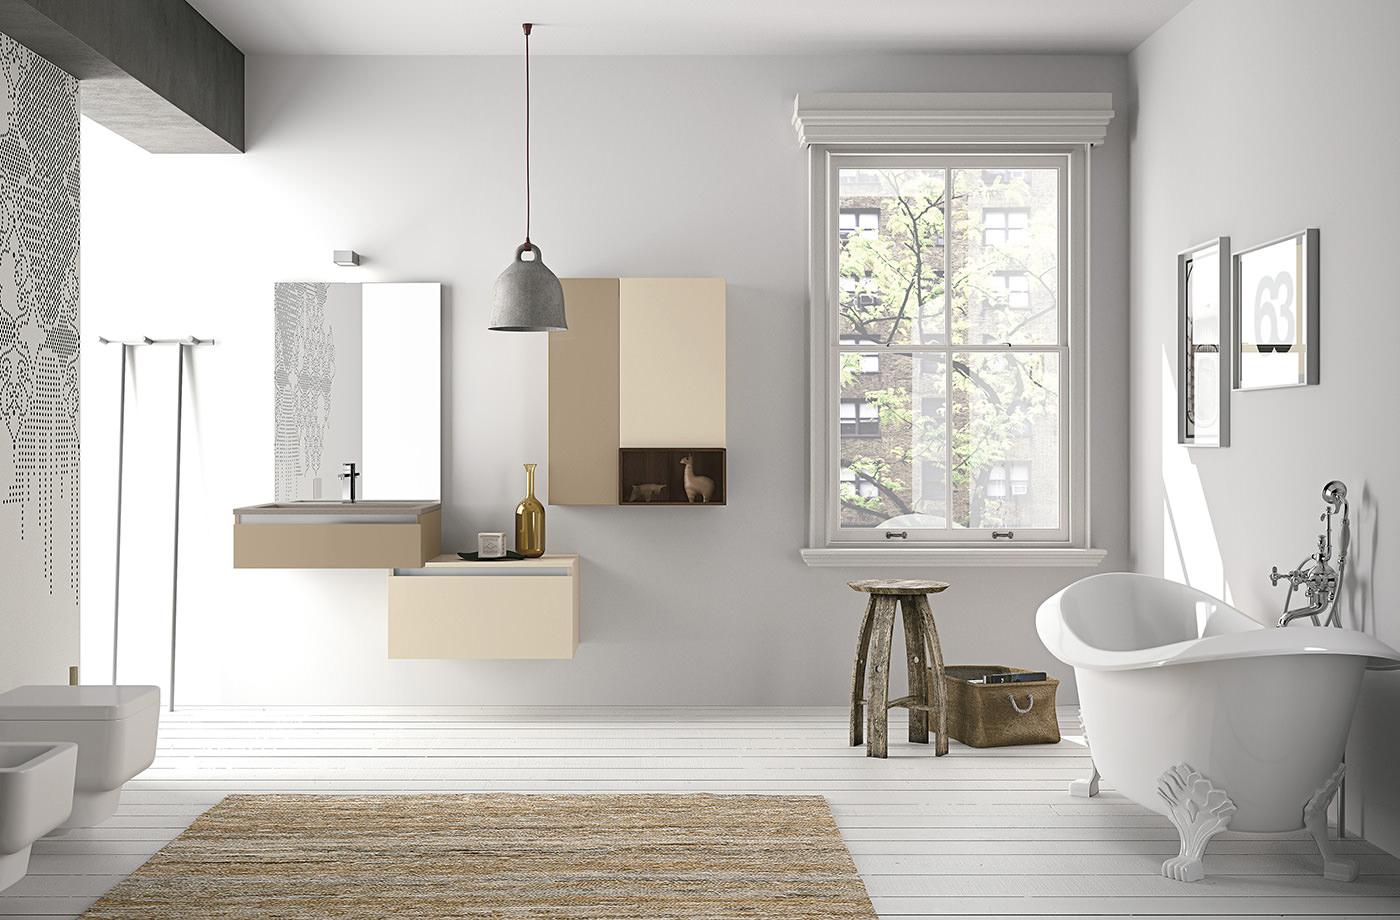 Ванная в скандинавском стиле: удобство и простота - Интерьер